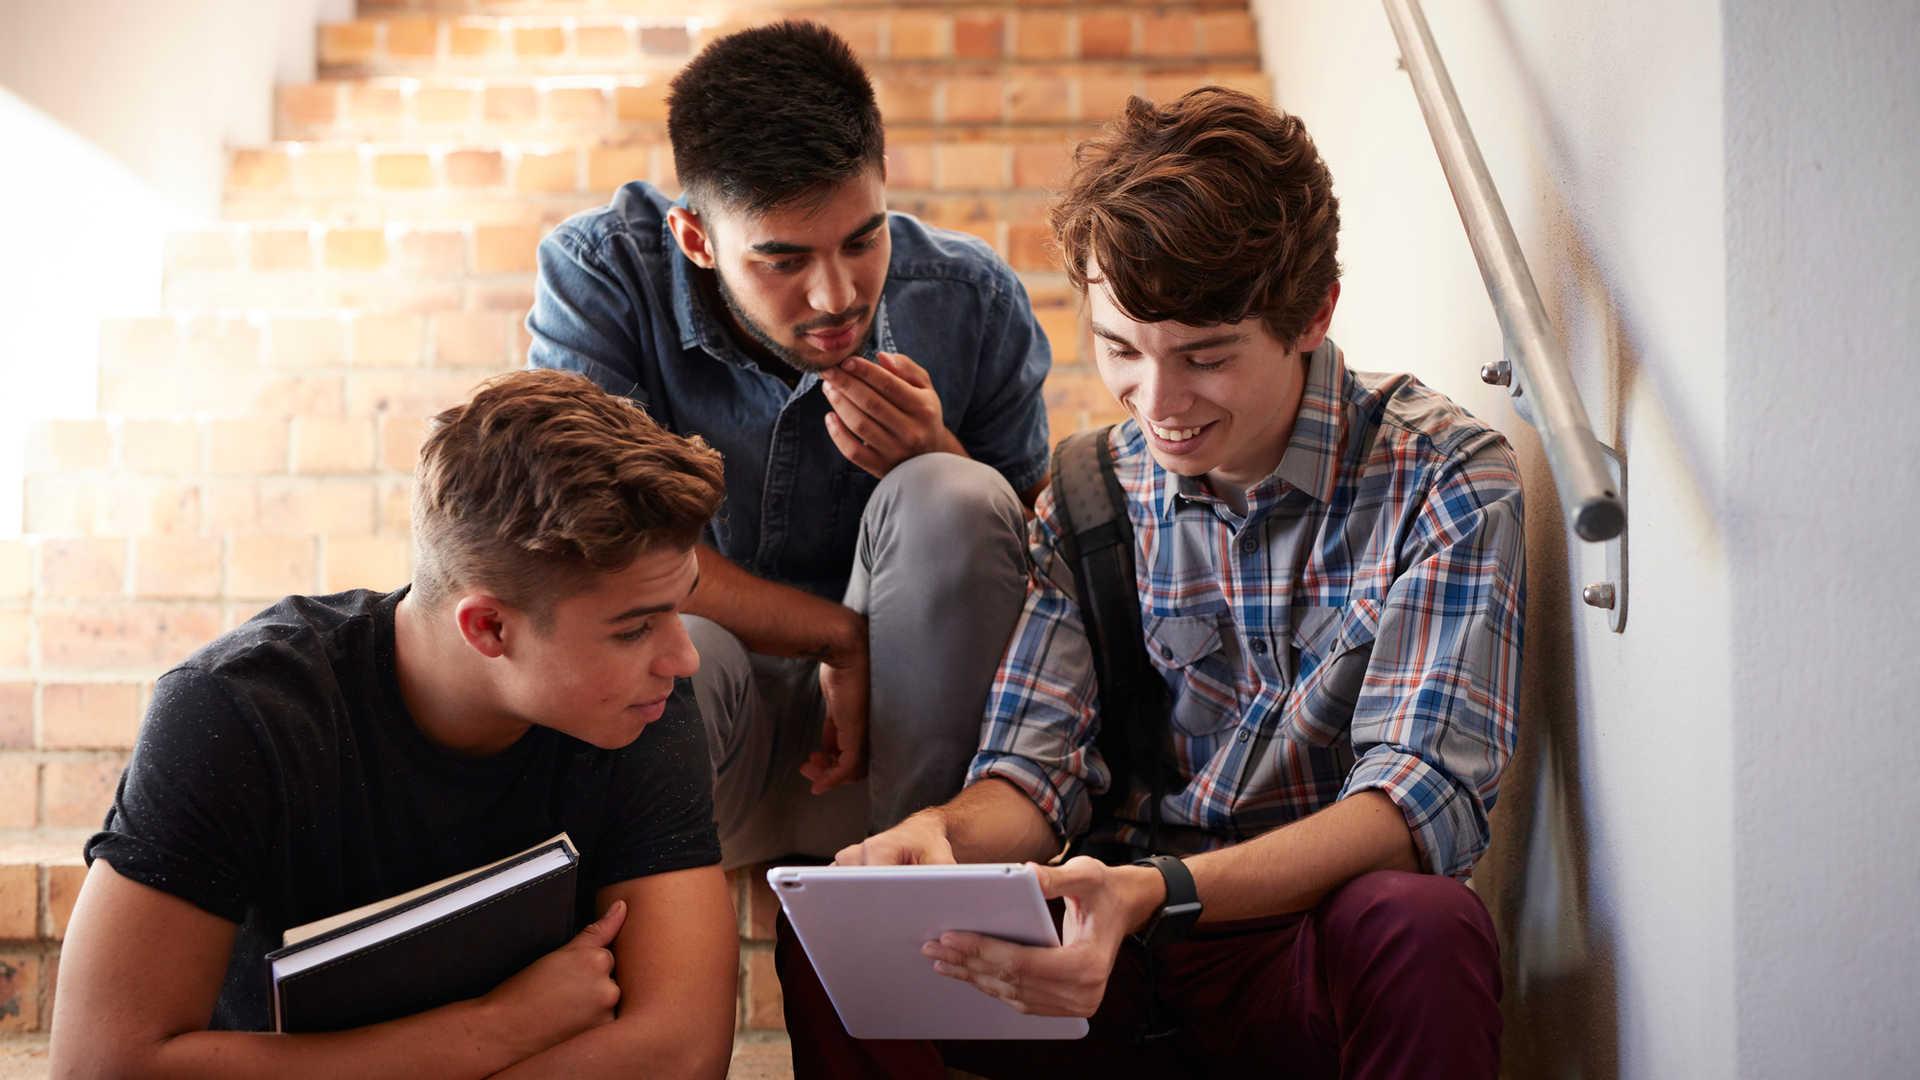 Studenten sitzen auf der Treppe